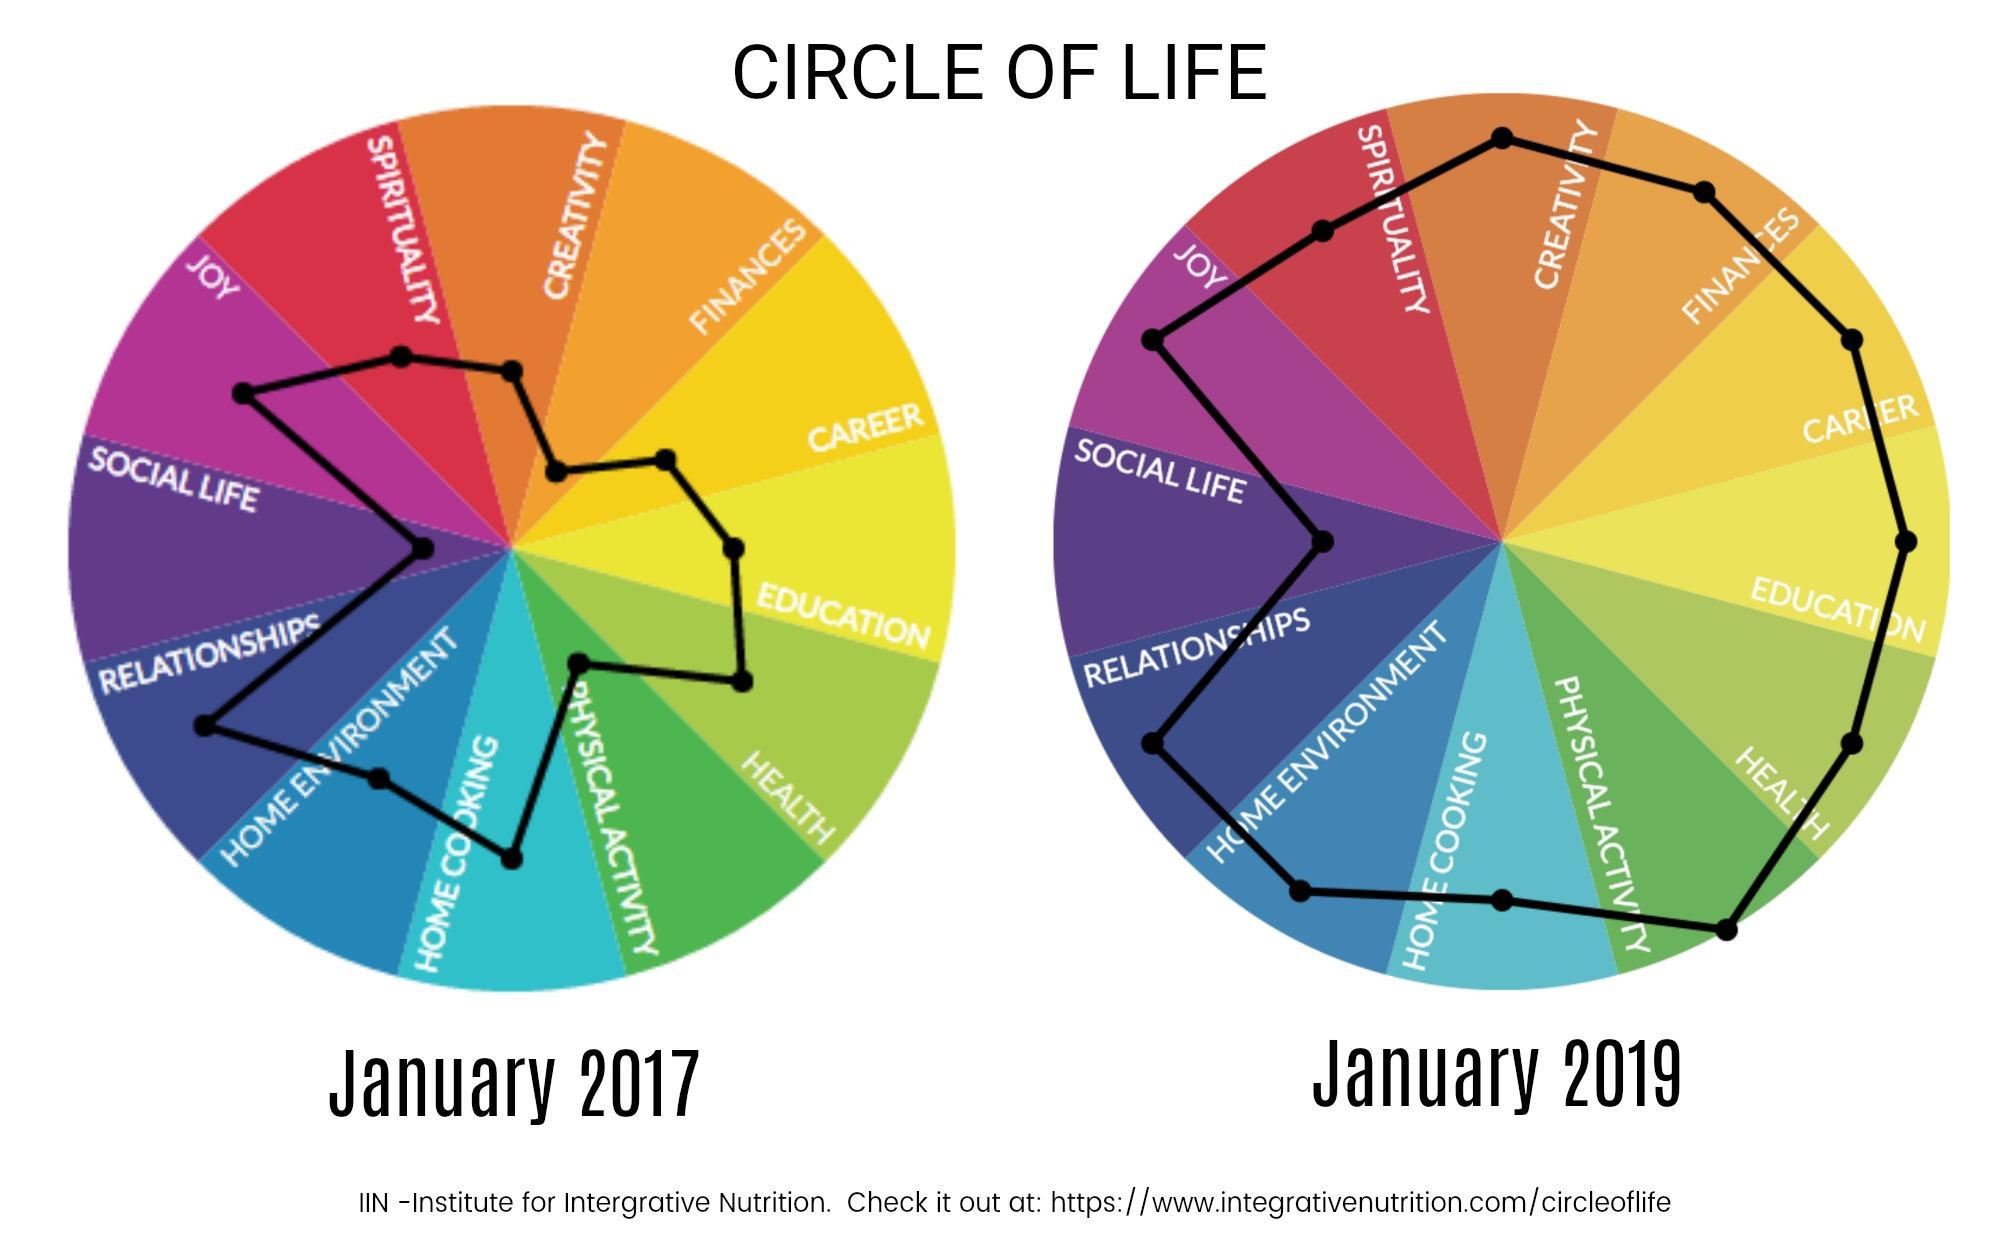 circle of life jan 2017 - jan 2019